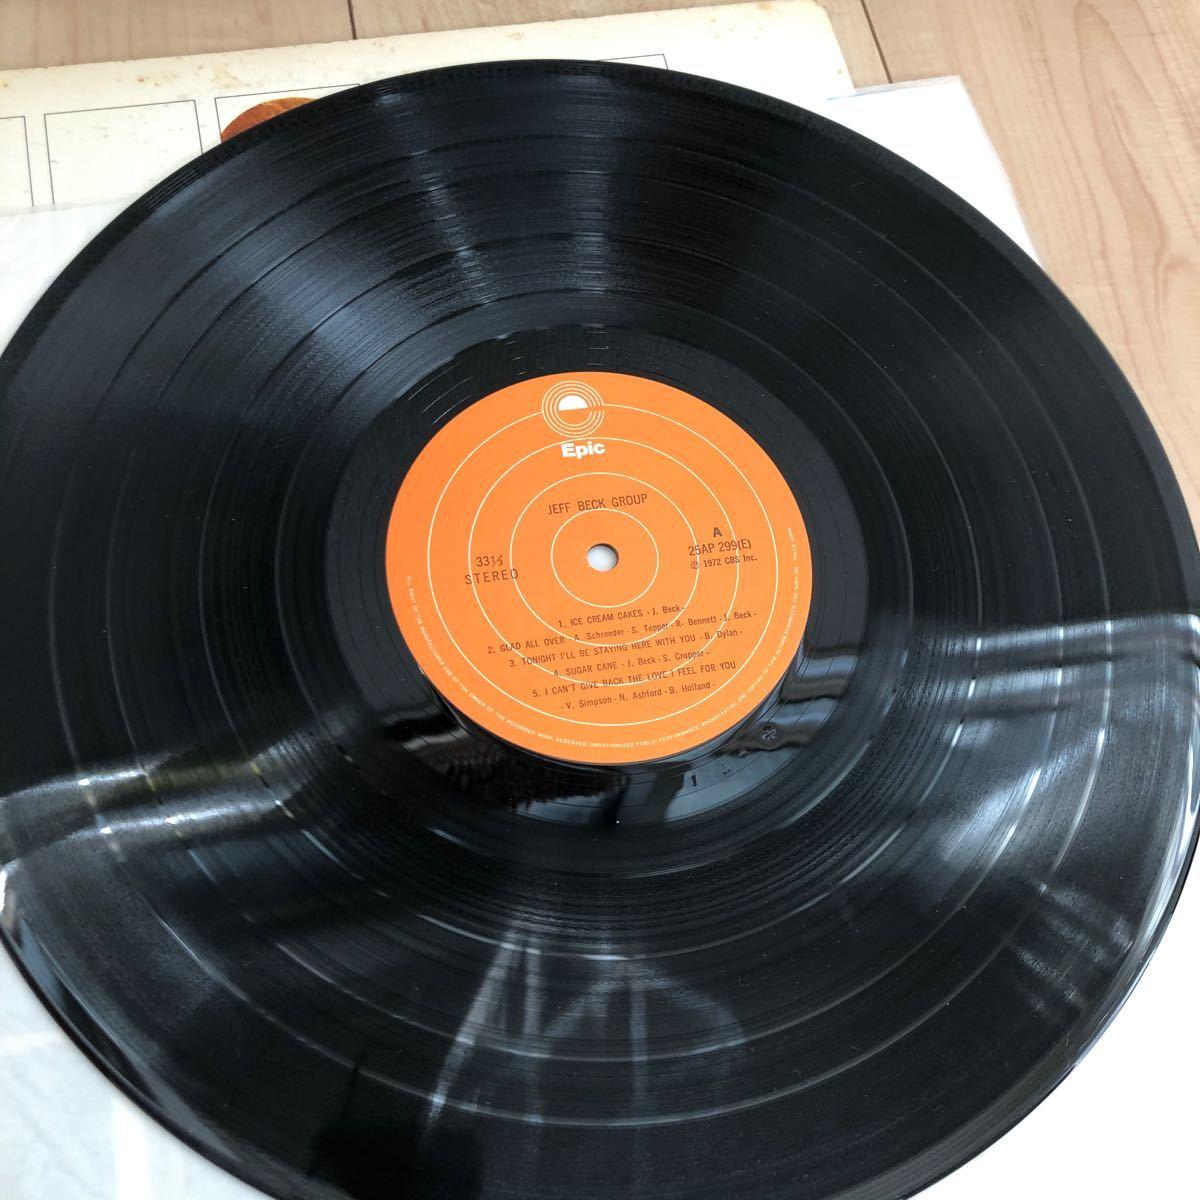 ジェフベックグループ レコード